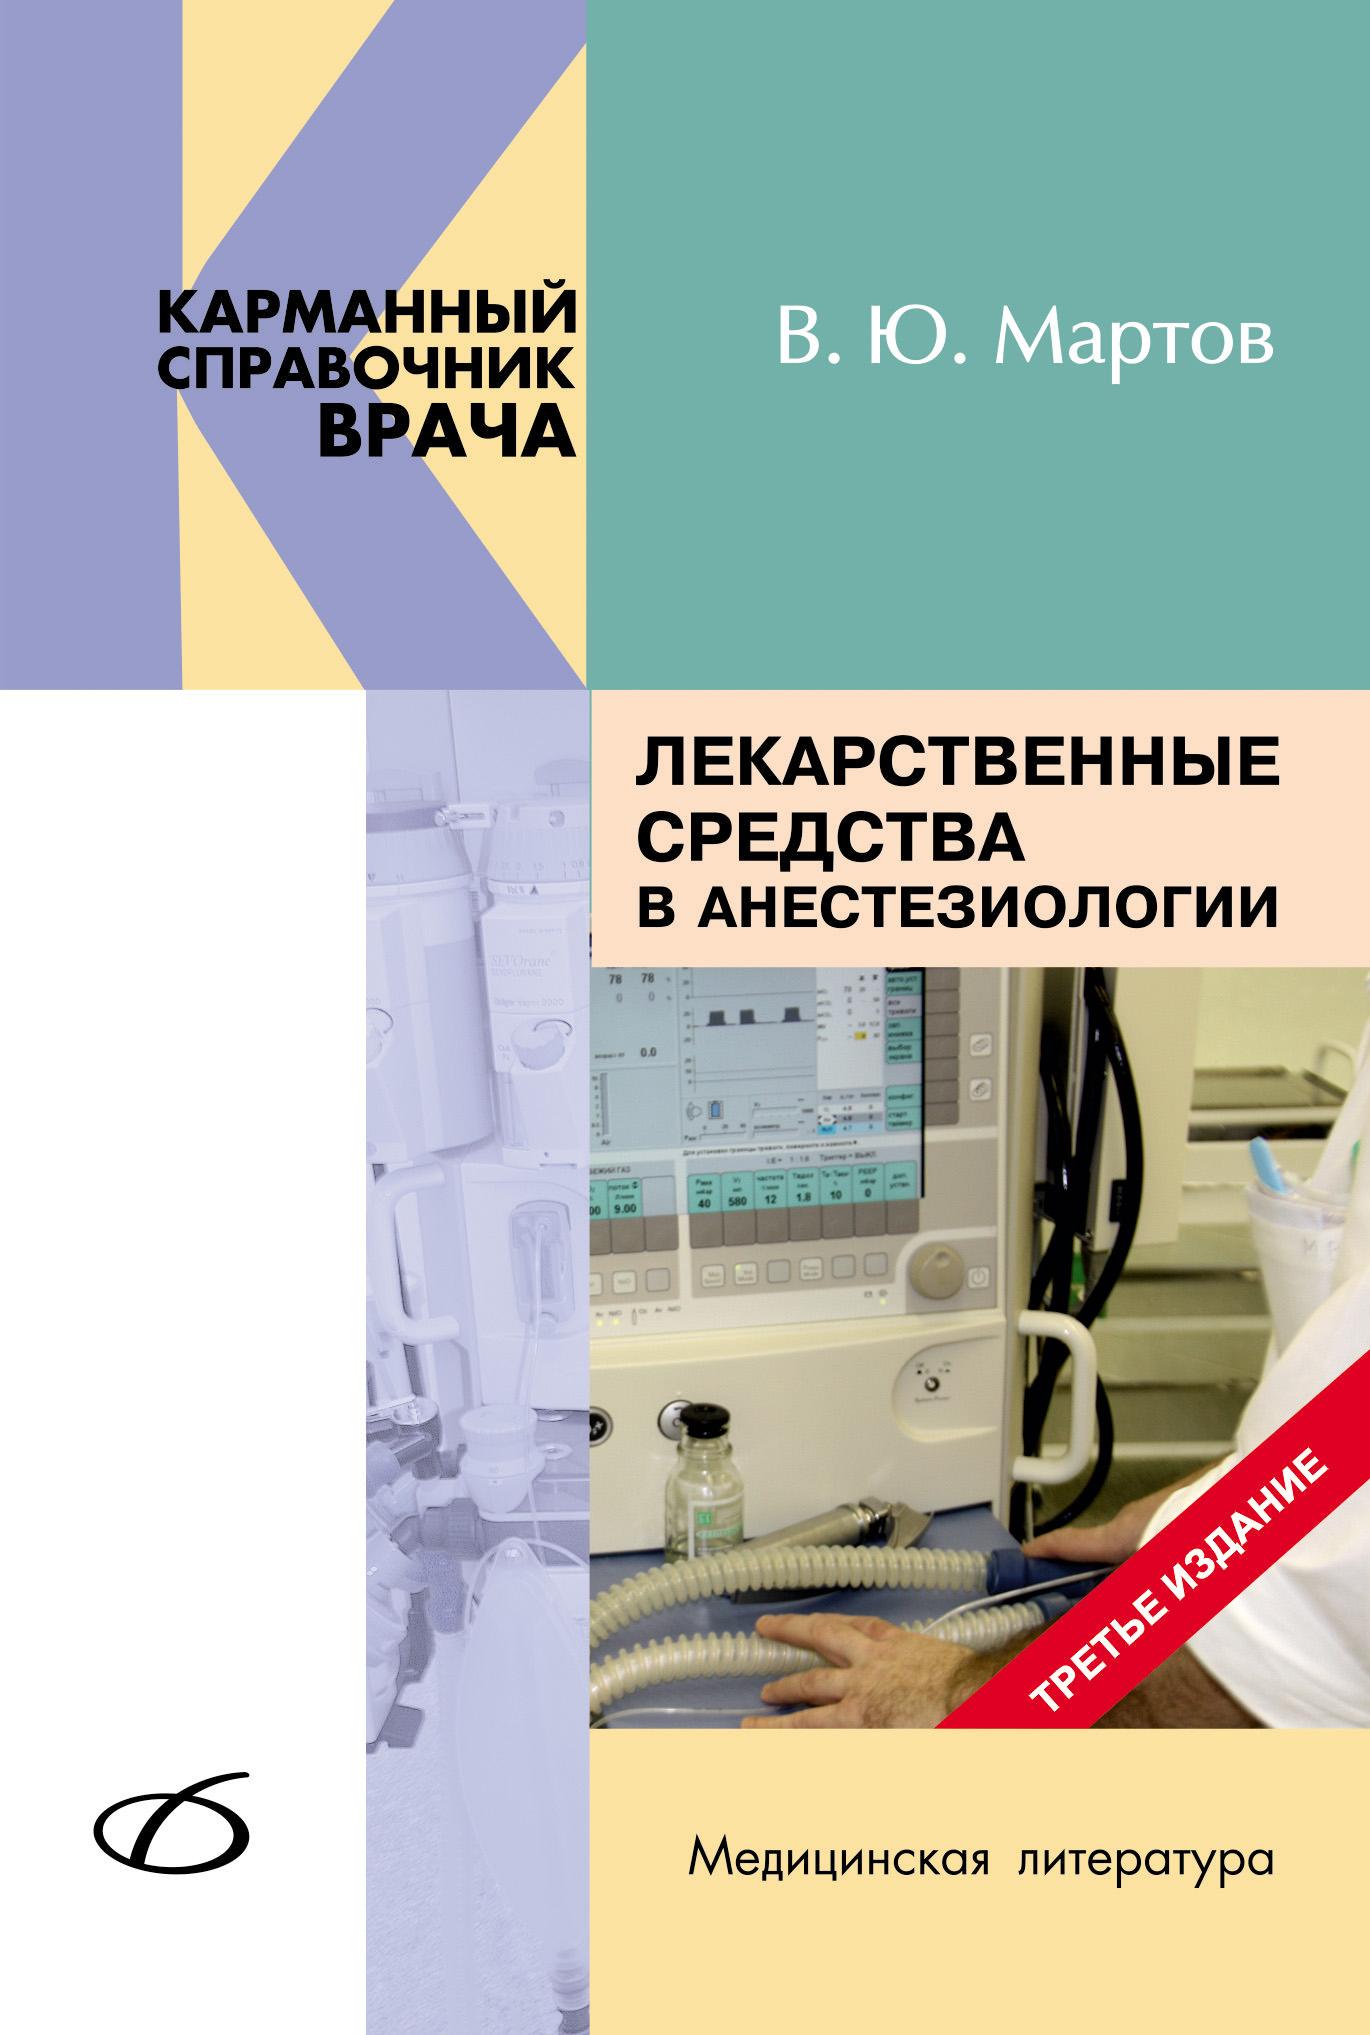 В. Ю. Мартов «Лекарственные средства в анестезиологии»